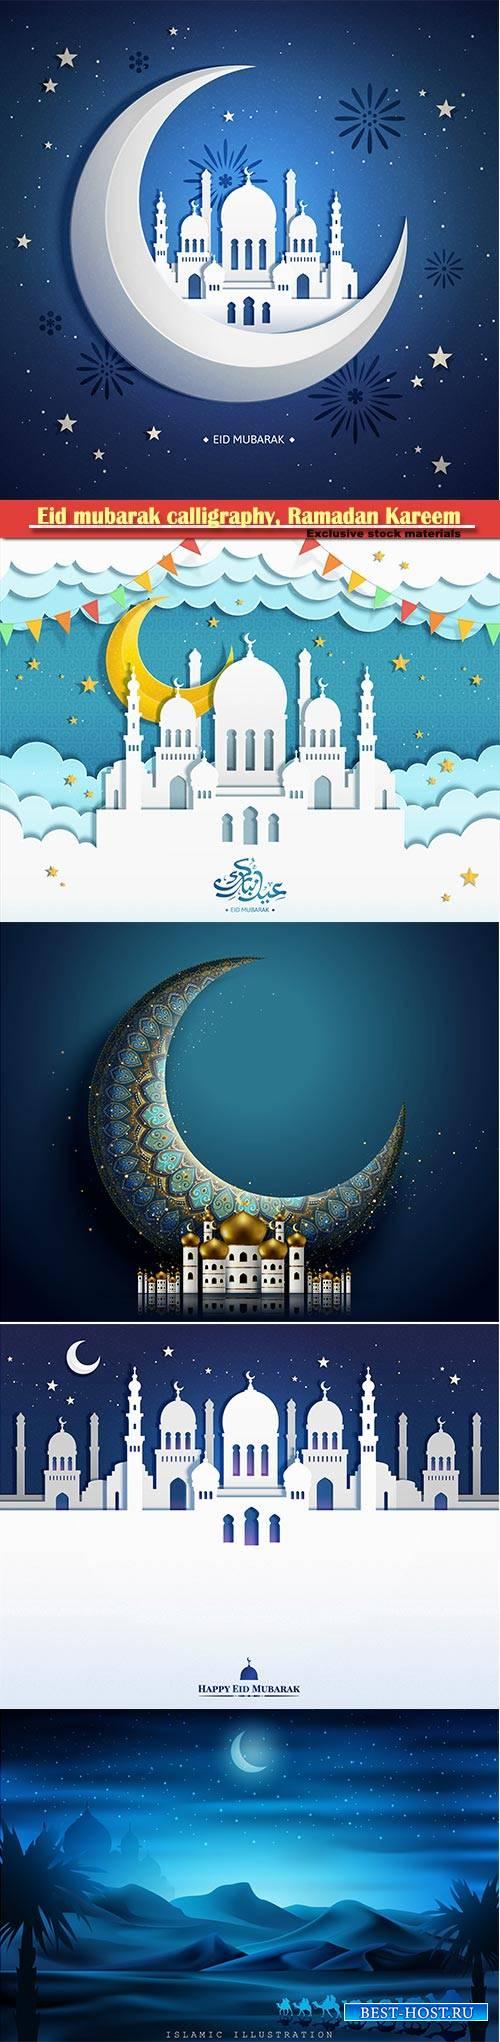 Eid mubarak calligraphy, Ramadan Kareem vector card # 12